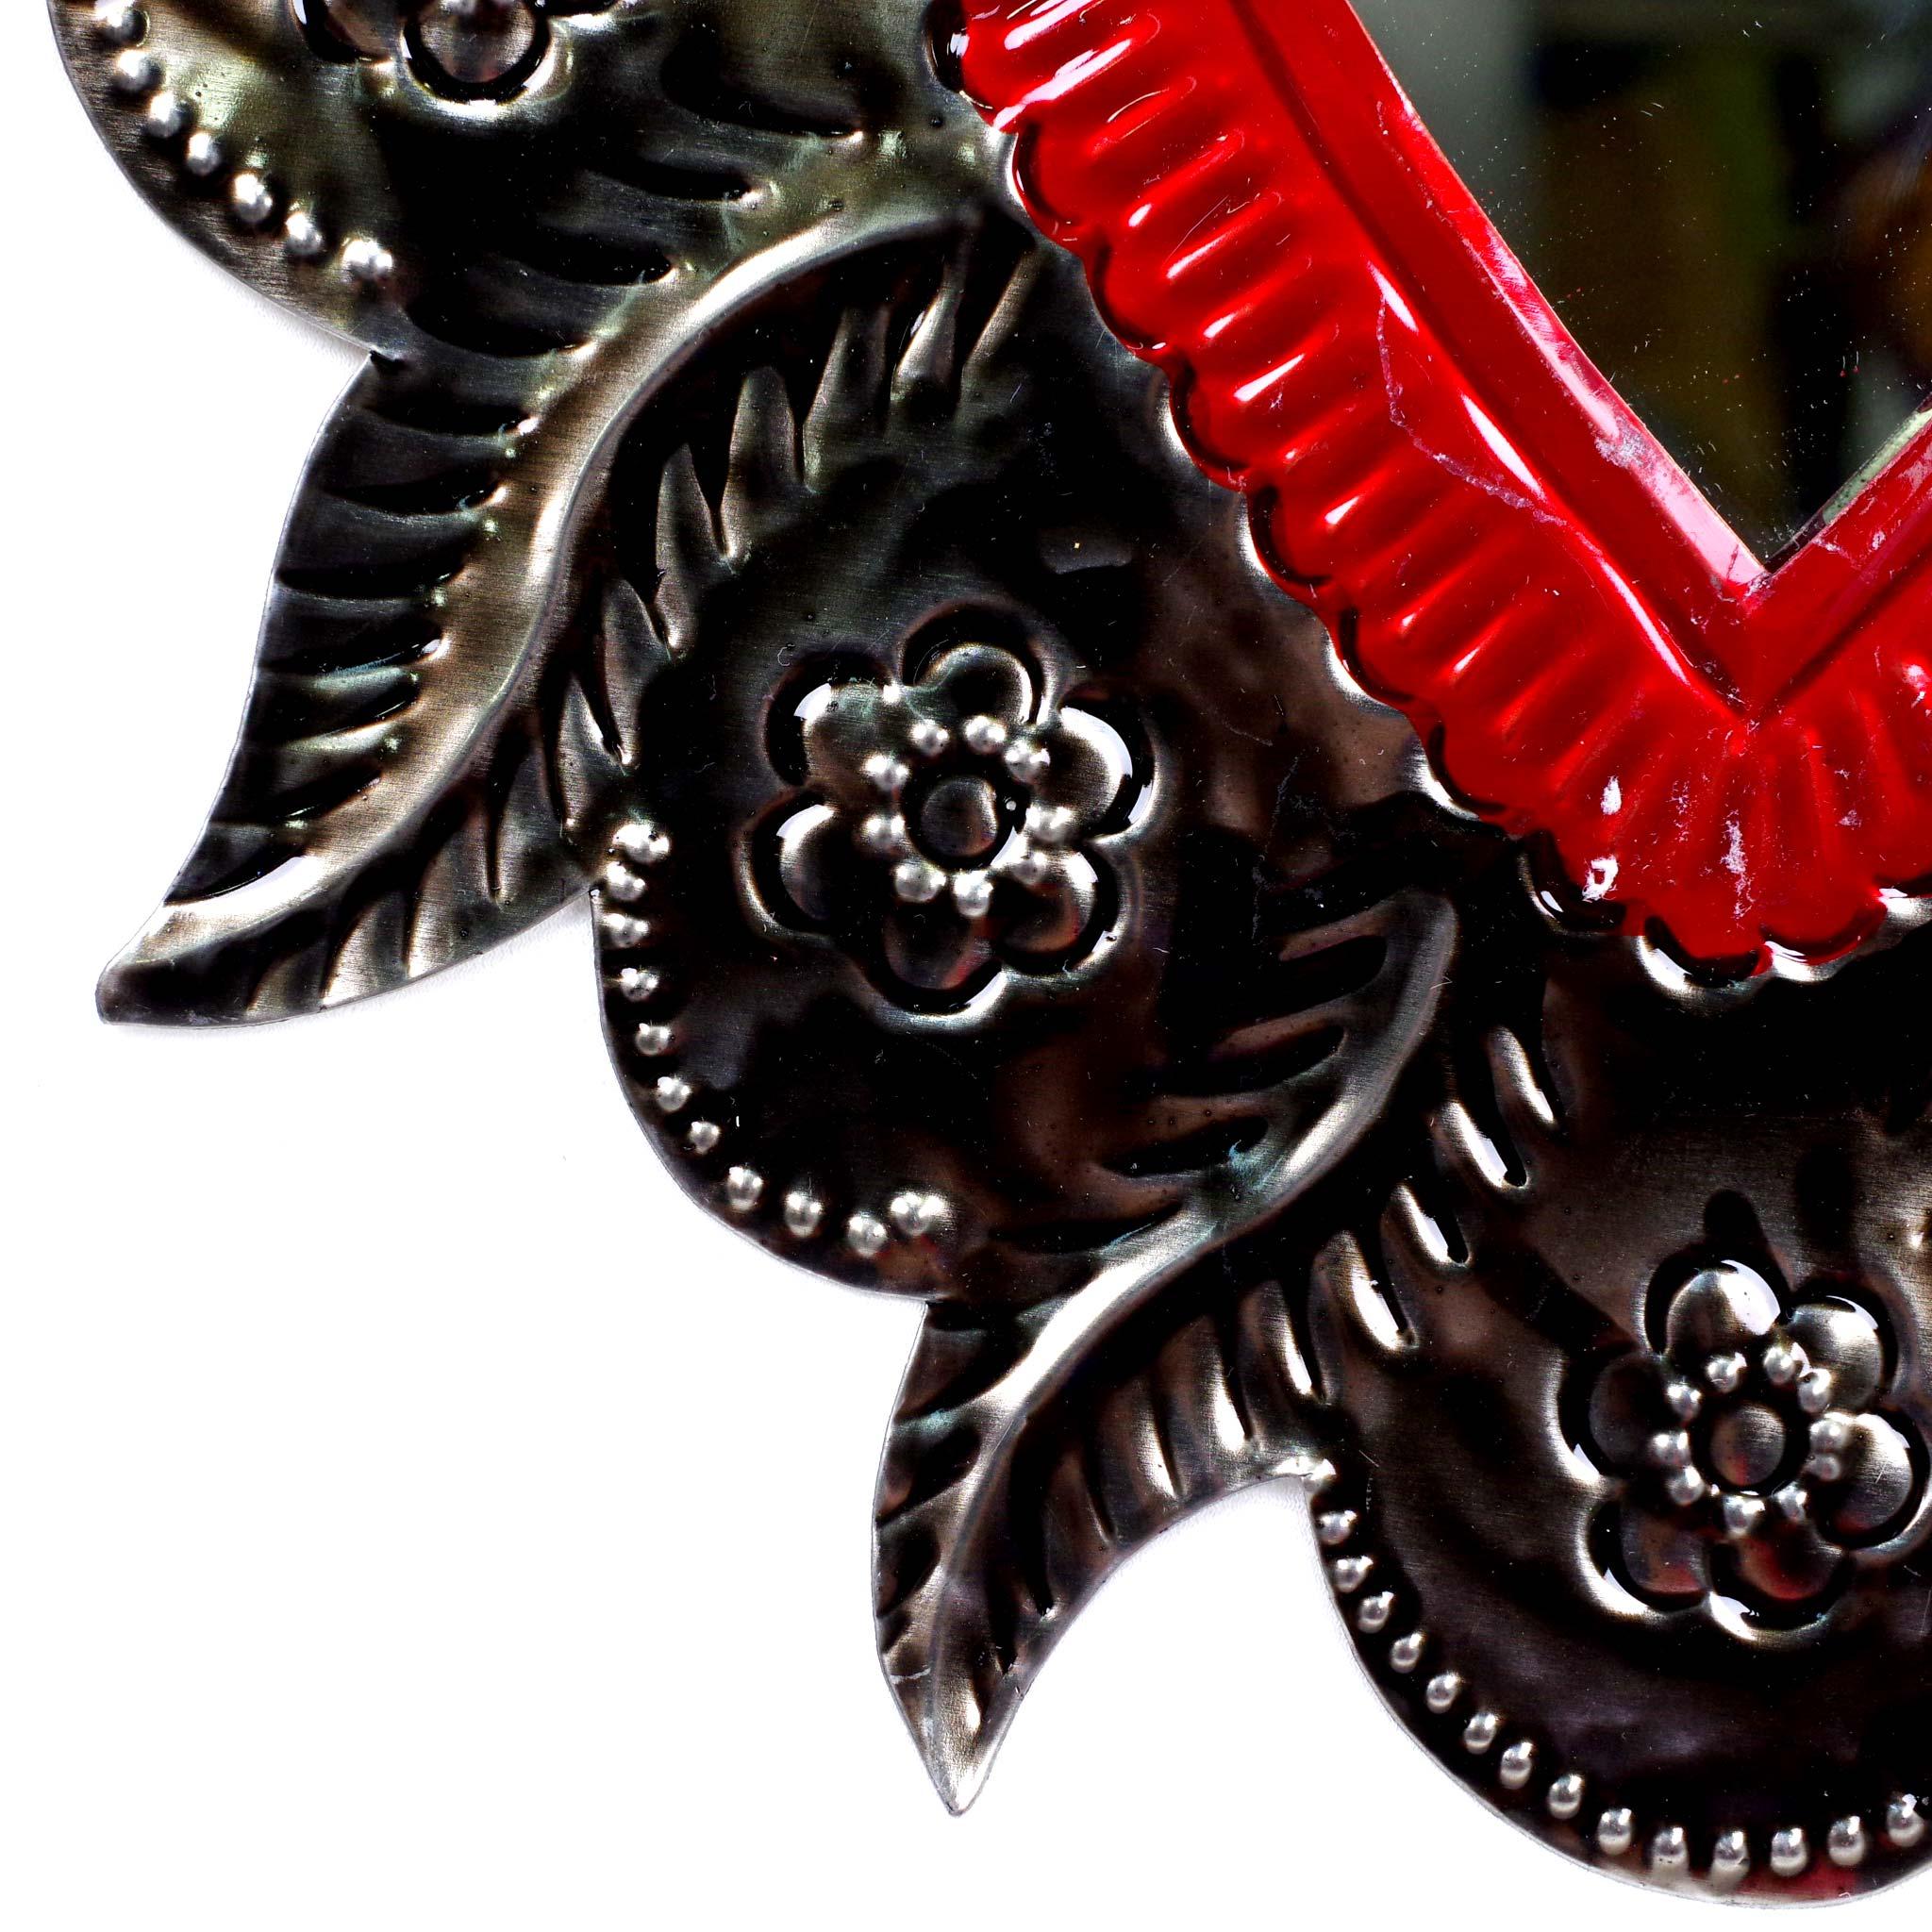 """""""オハラタミラーRDL,コラソン,心臓,燃えるハート,ミラー,鏡,オハラタ,オアハカ,インテリア,メキシコのハート,コラソンミラー,ハートミラー,ハートのインテリア,ハートの壁飾り,ハートの壁掛け,インテリア,メキシカンハート,壁掛け,飾り,メキシコ,インテリア雑貨,壁飾り,メキシコ雑貨,メキシコ雑貨PAD"""""""